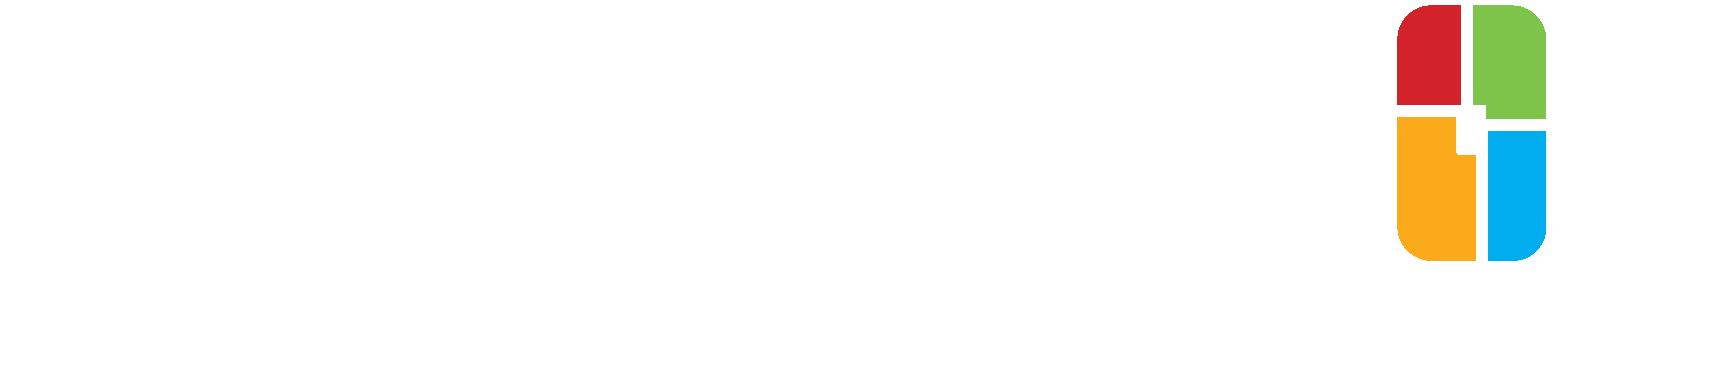 JEFF DAVISON